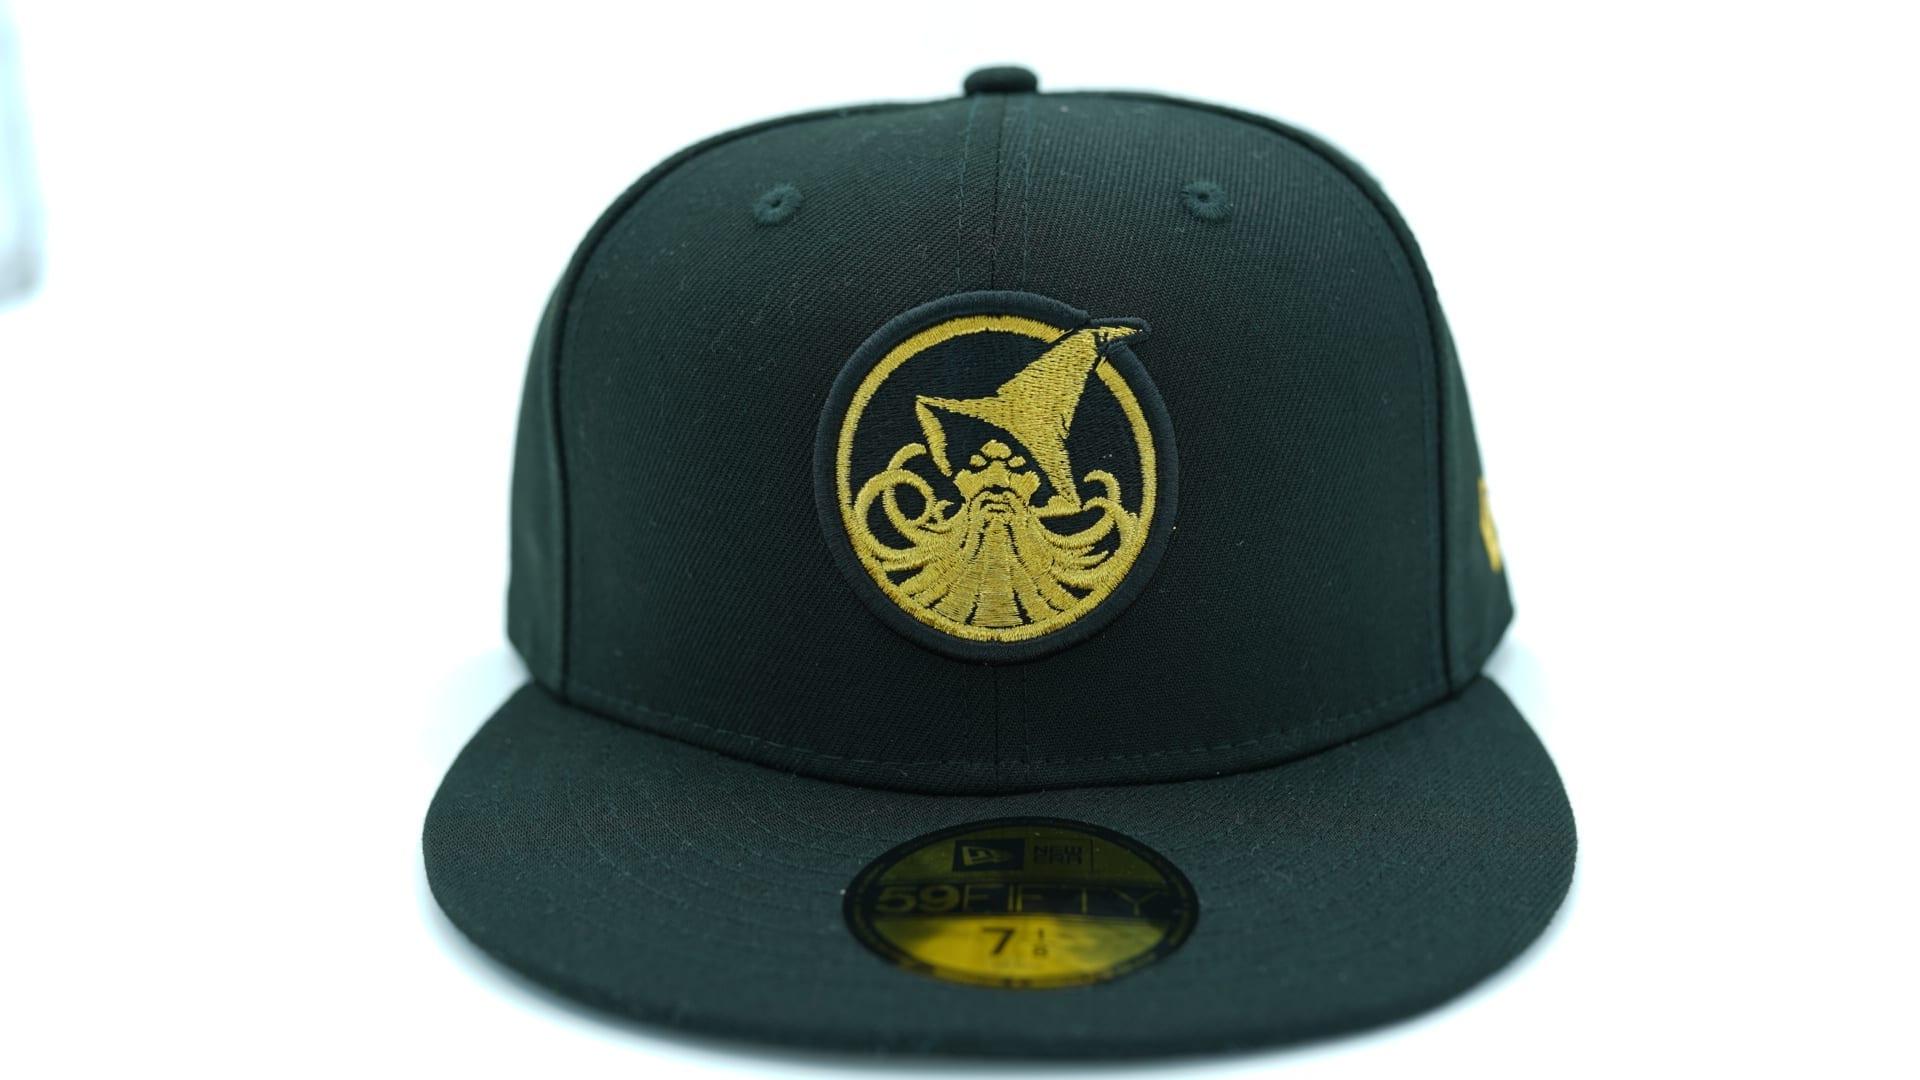 teenage mutant ninja turtles baseball caps turtle hat fitted cap era